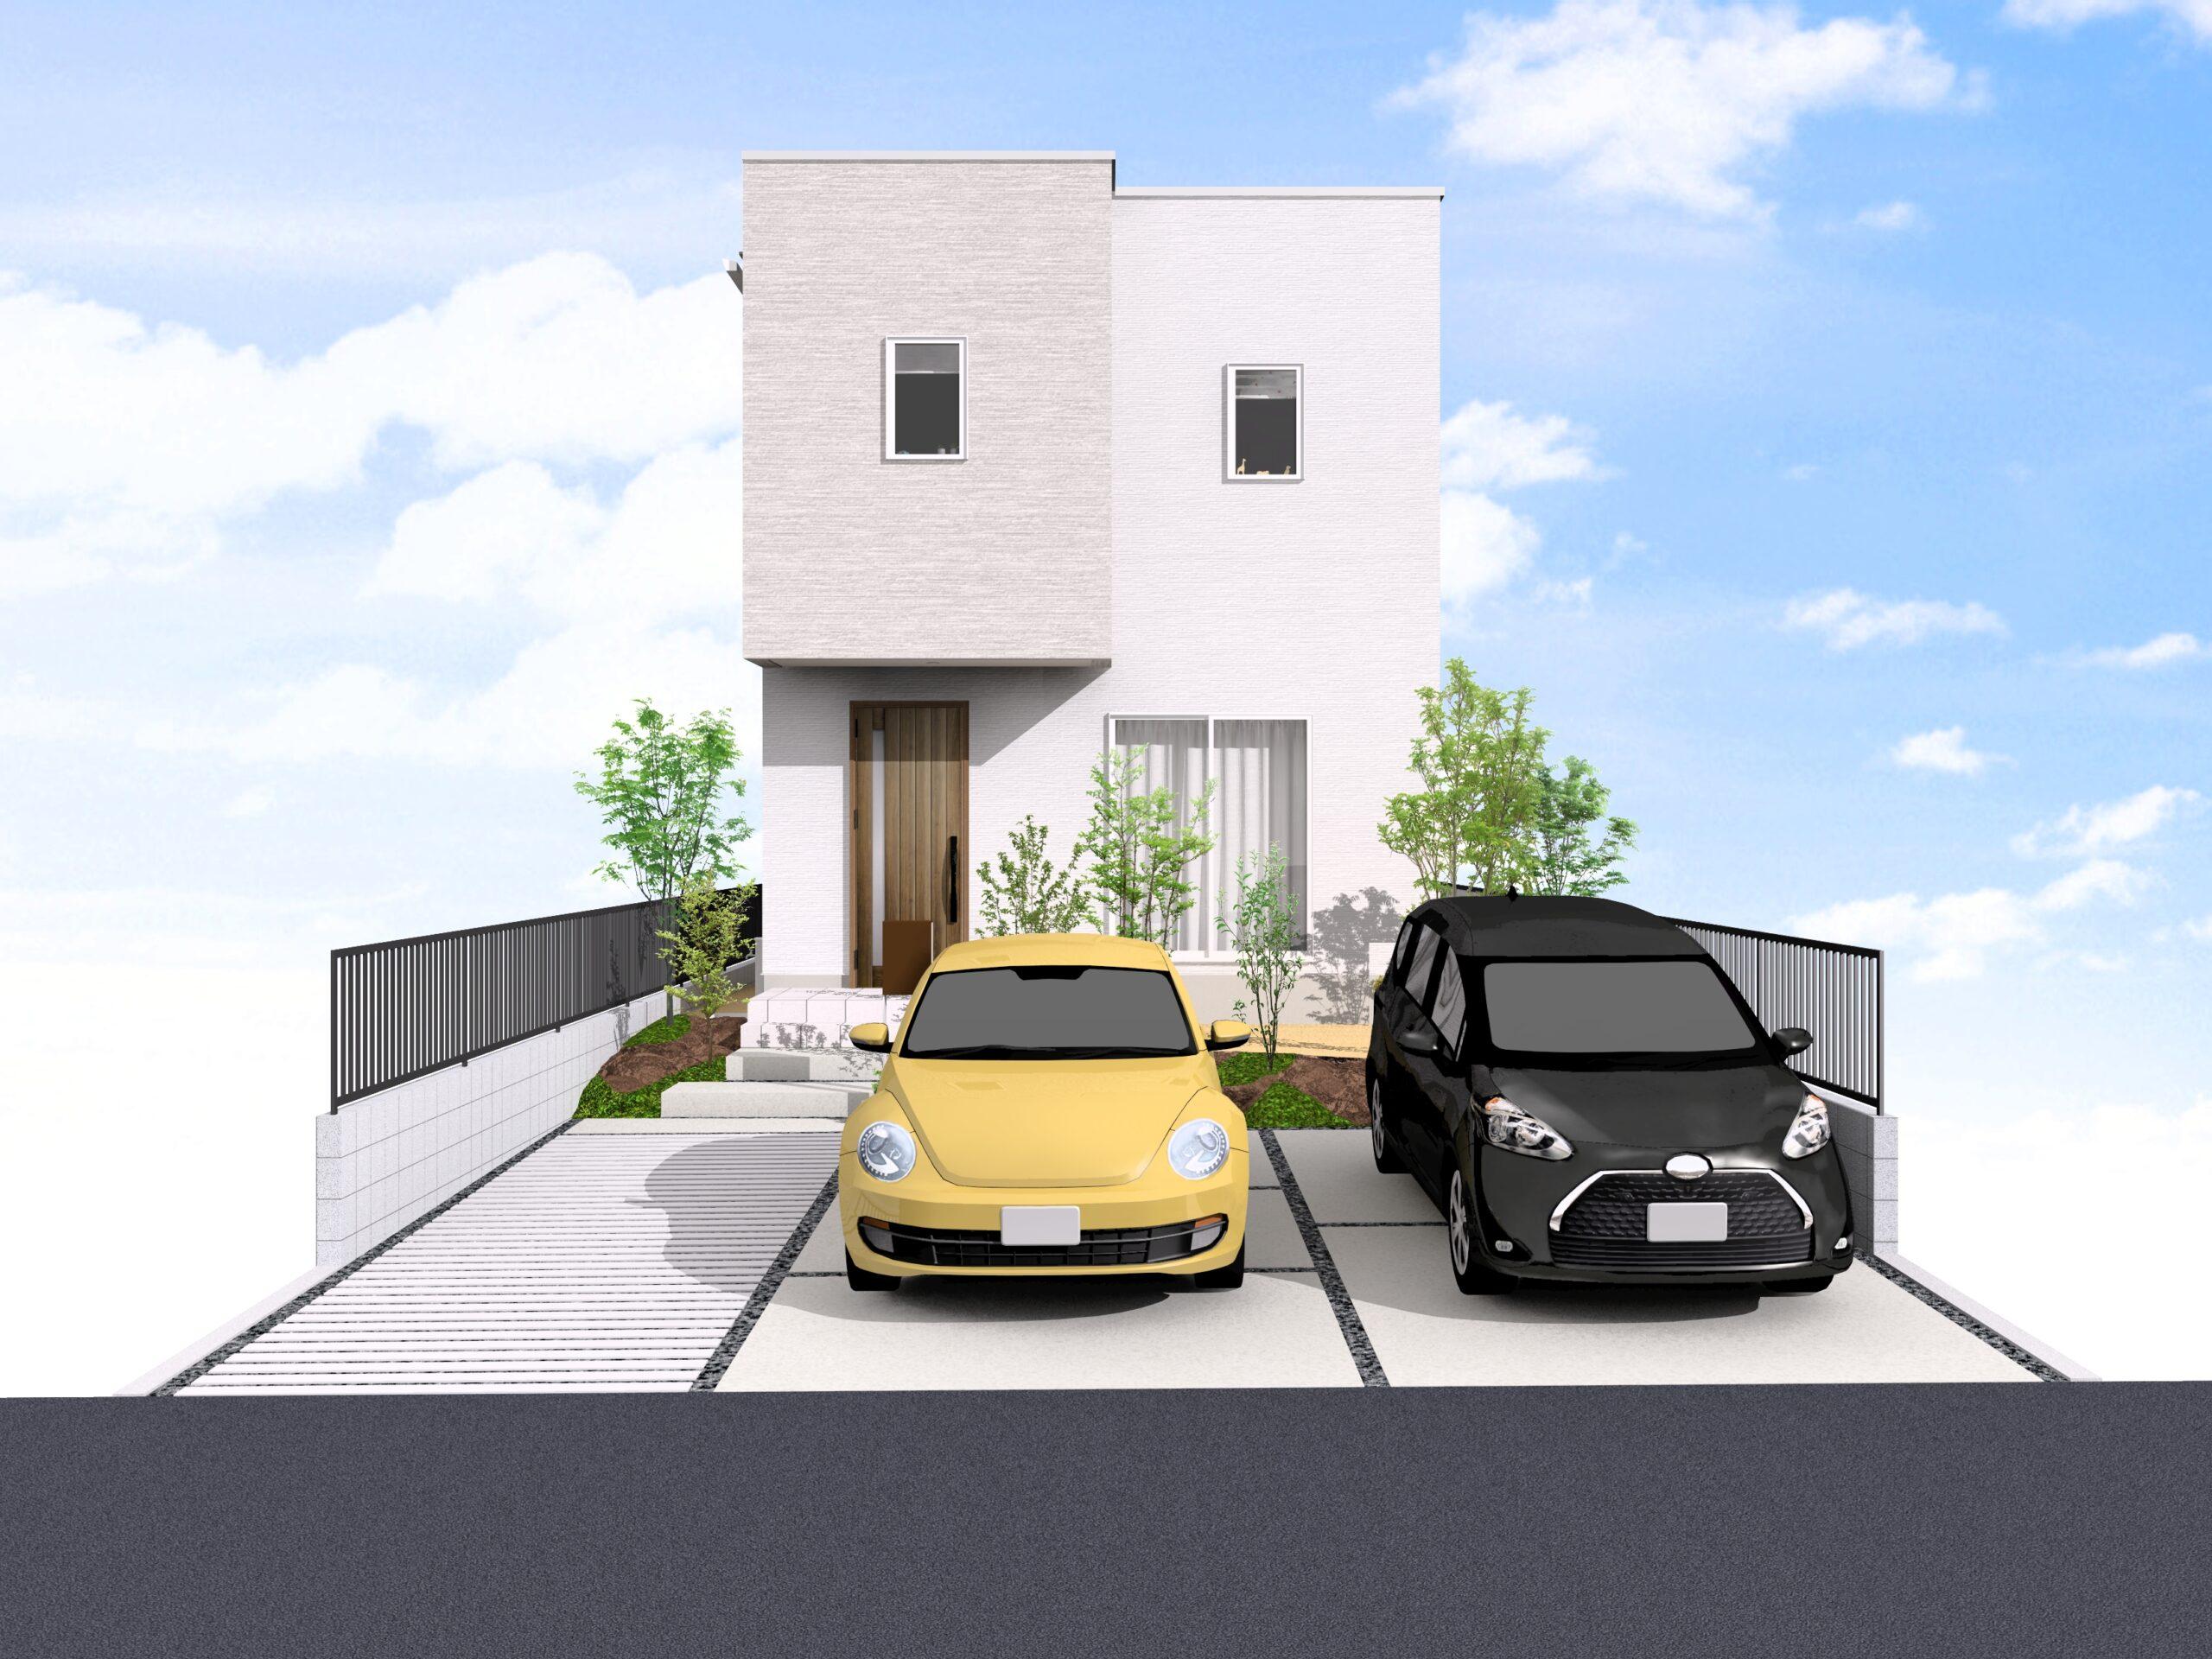 久留米市南 新築建売住宅「OURS久留米南 2号地」